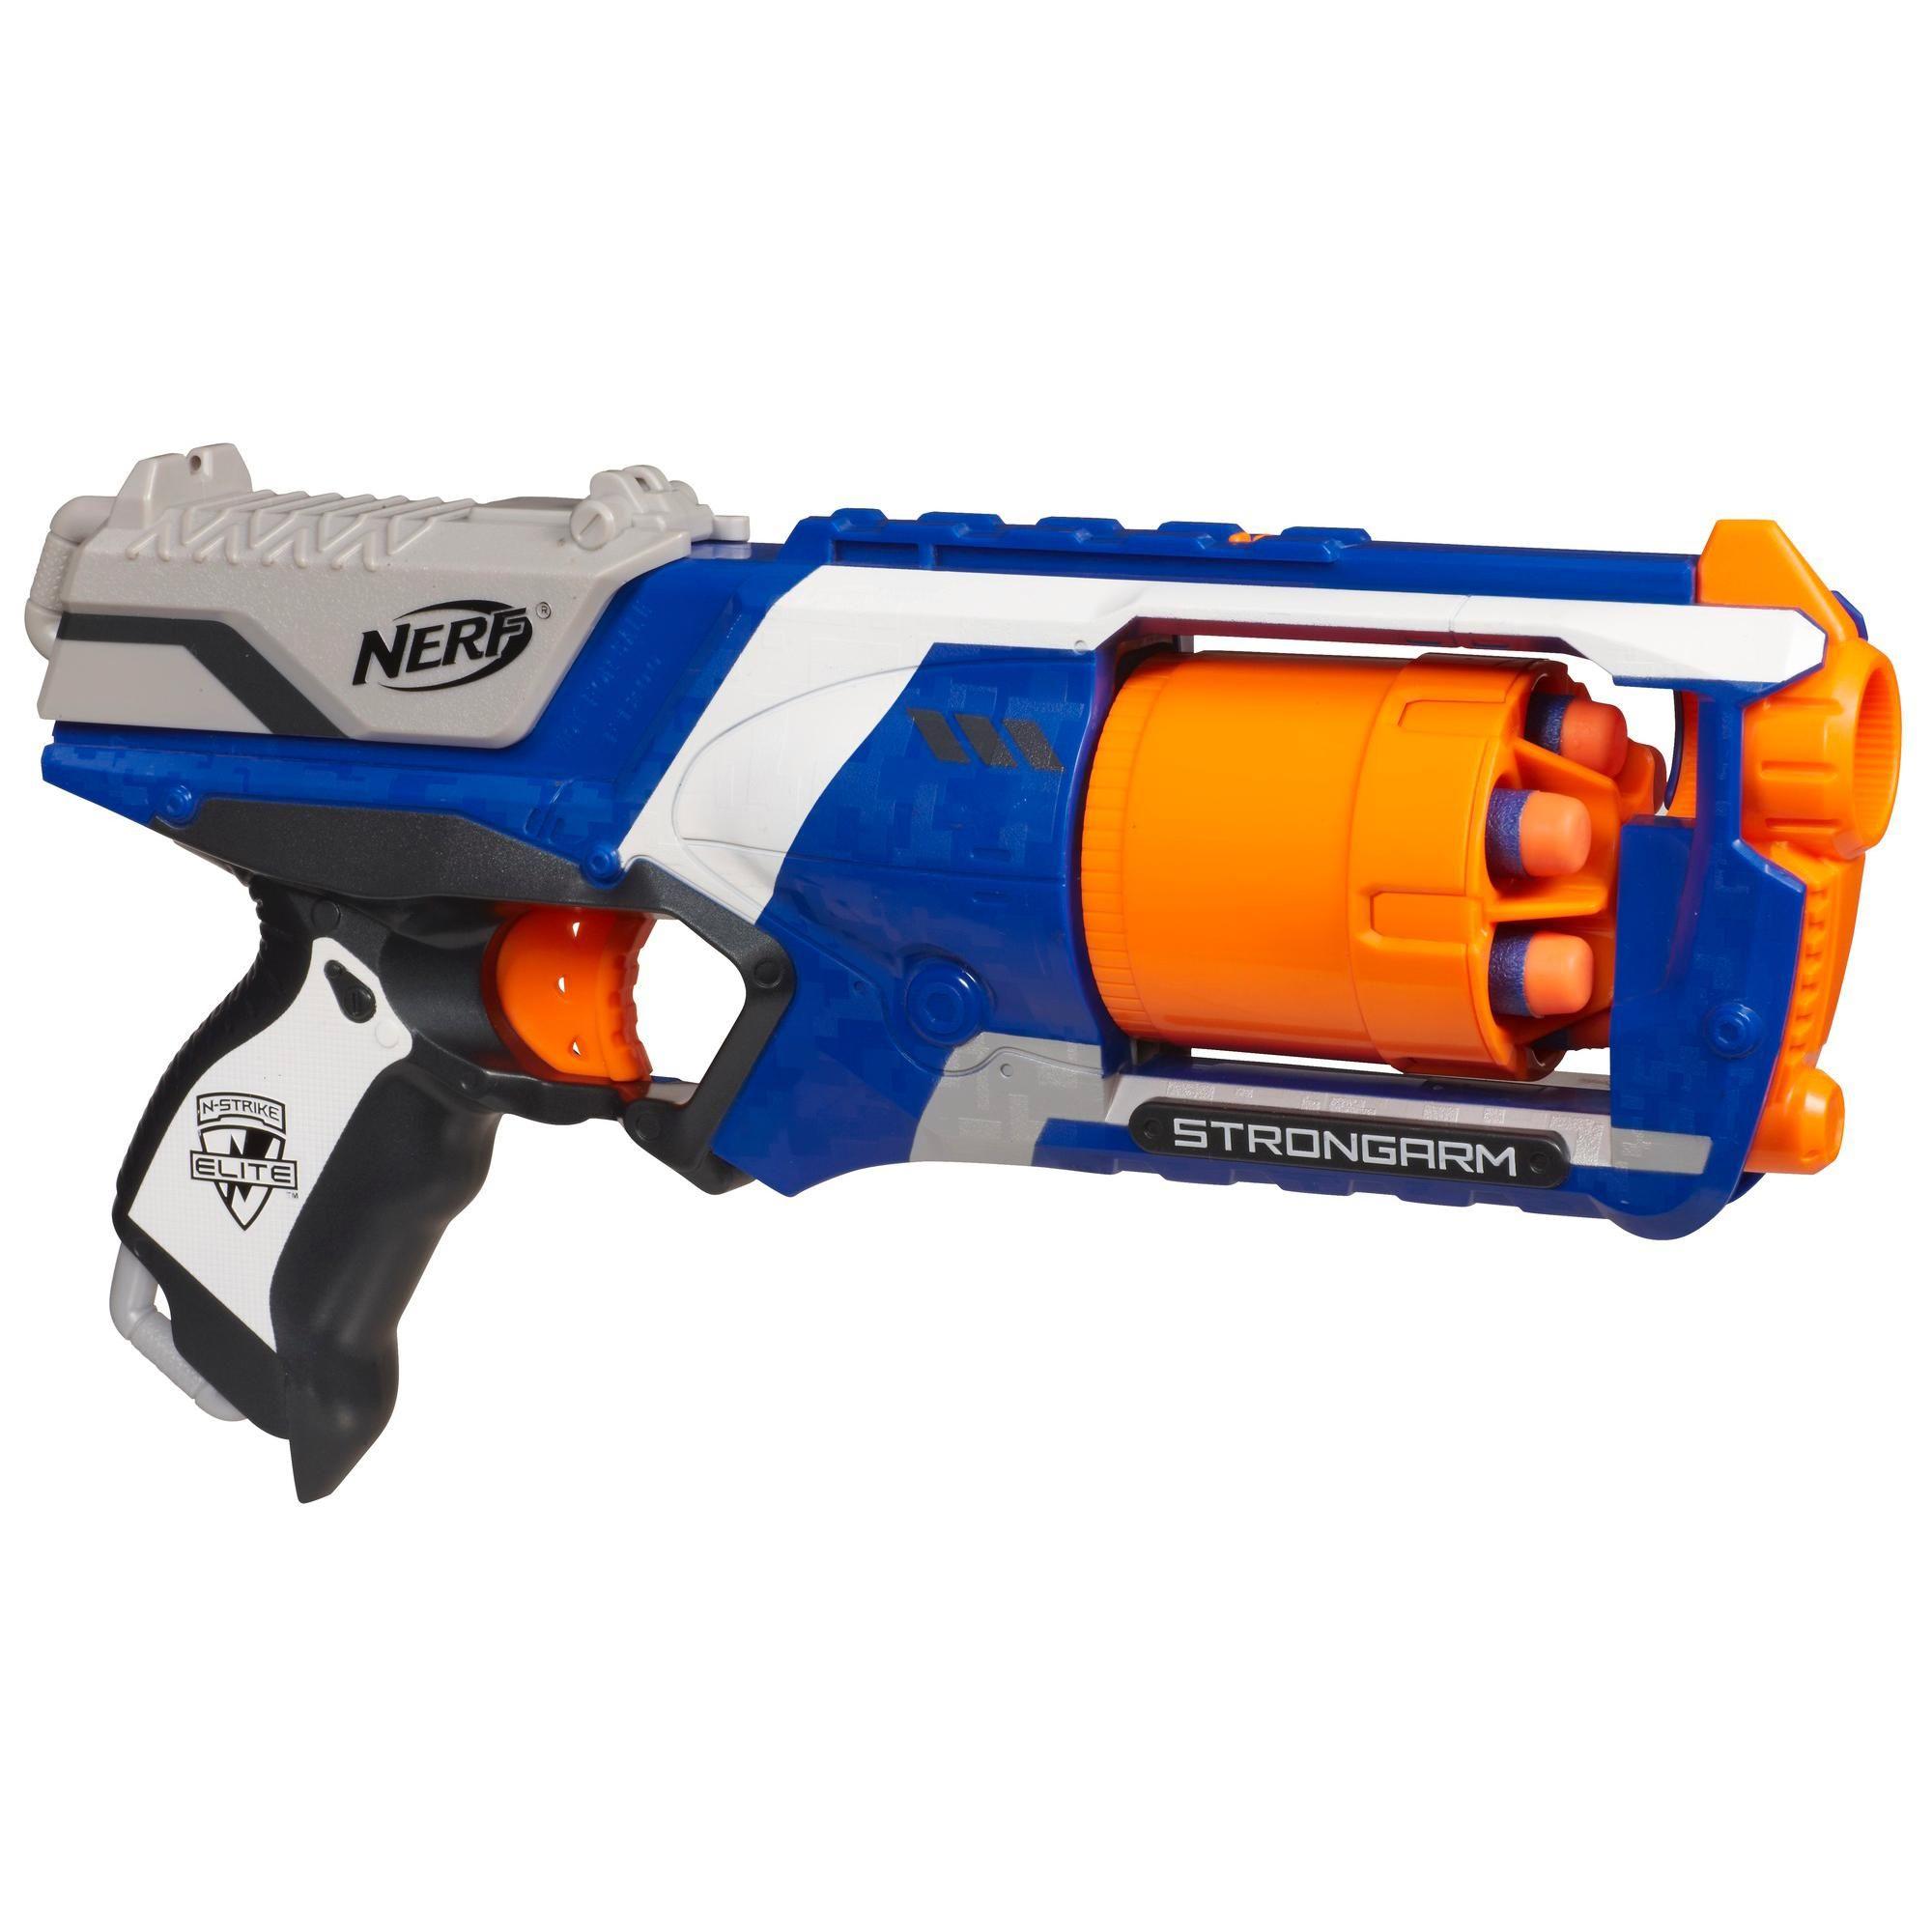 NERF N-STRIKE STRONGARM ELITE BLASTER Gun Rifle Kids Teen Adults Toy Dart Guns